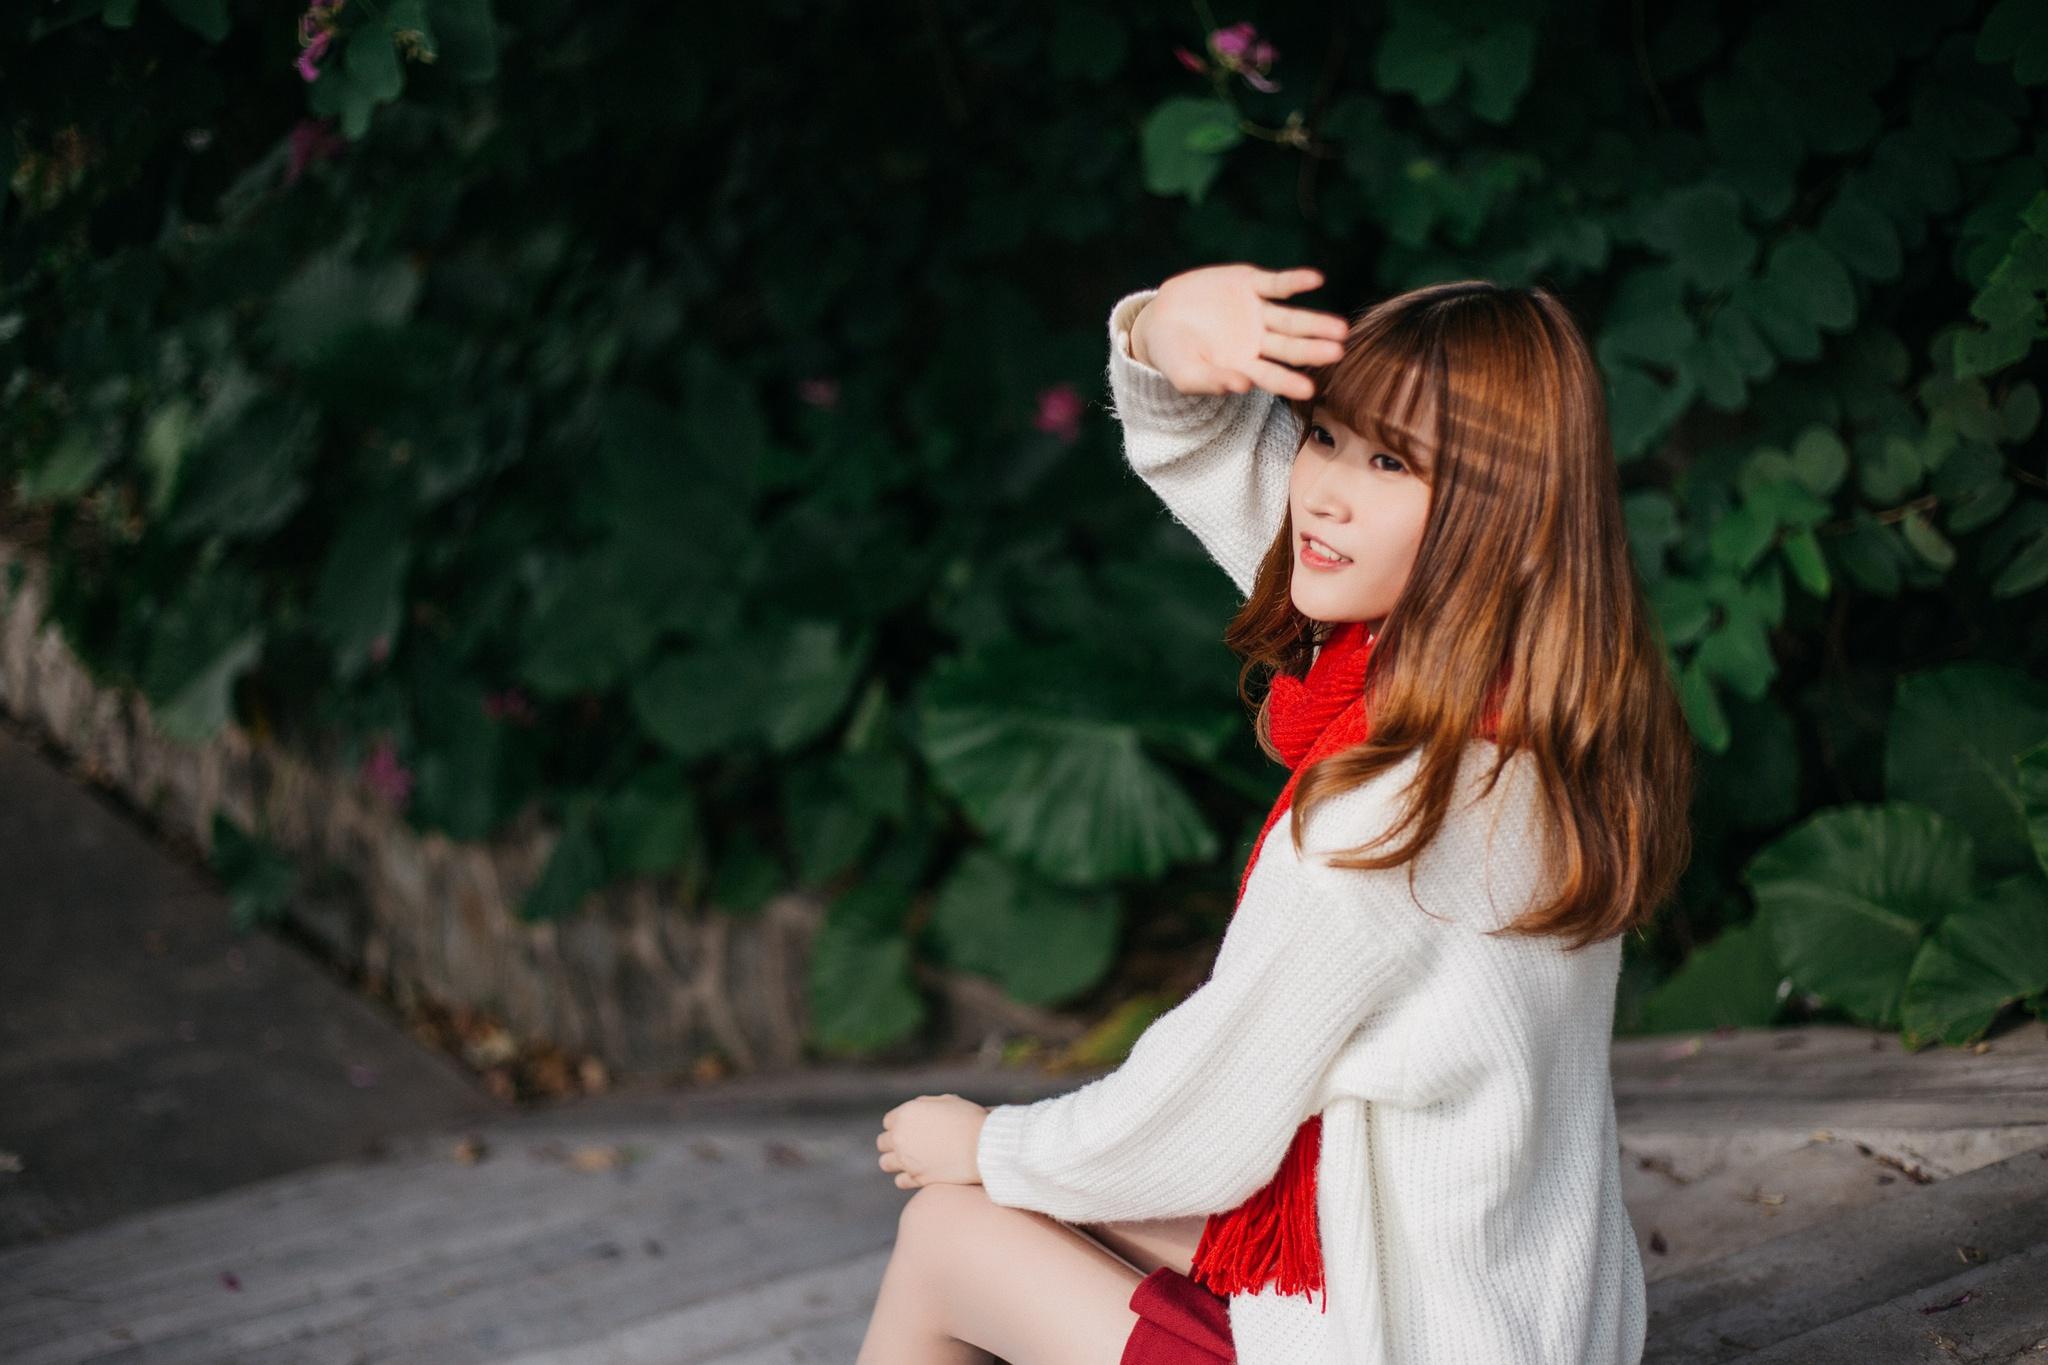 一世温柔  细水长流 【情感美文】- 花仙子 - 花仙子的博客